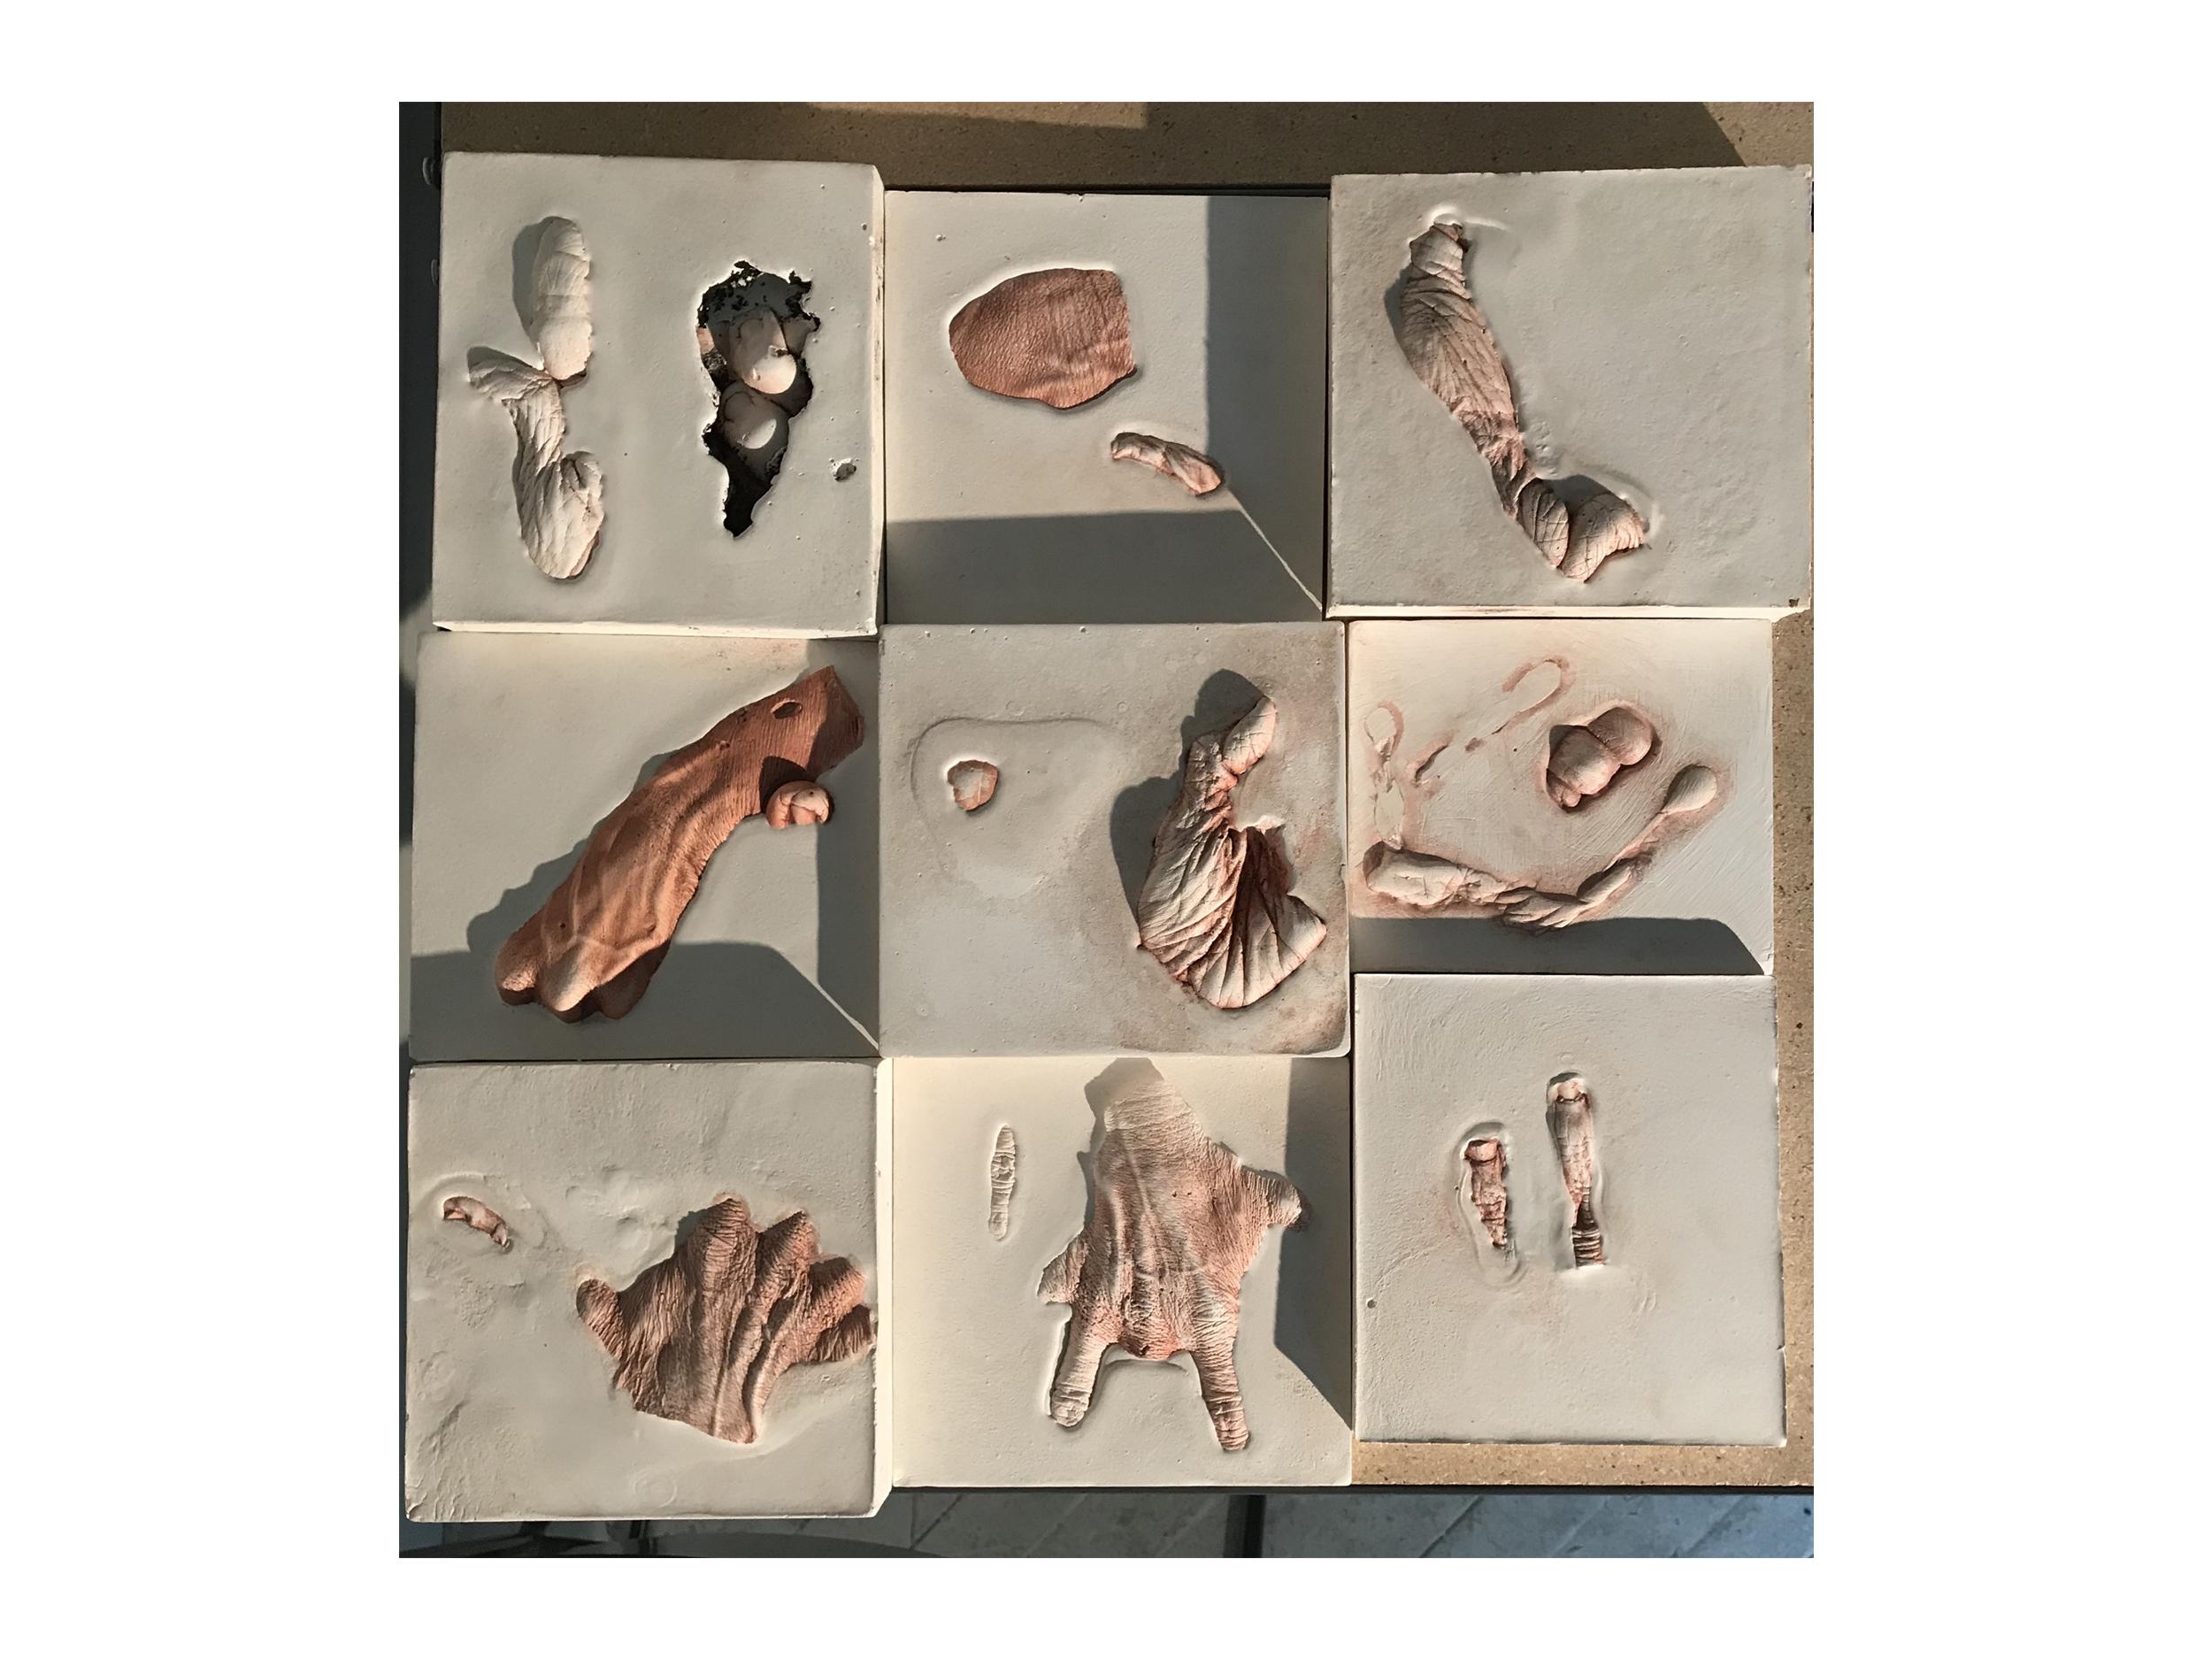 Wendy Richmond hand sculpture excavation tiles